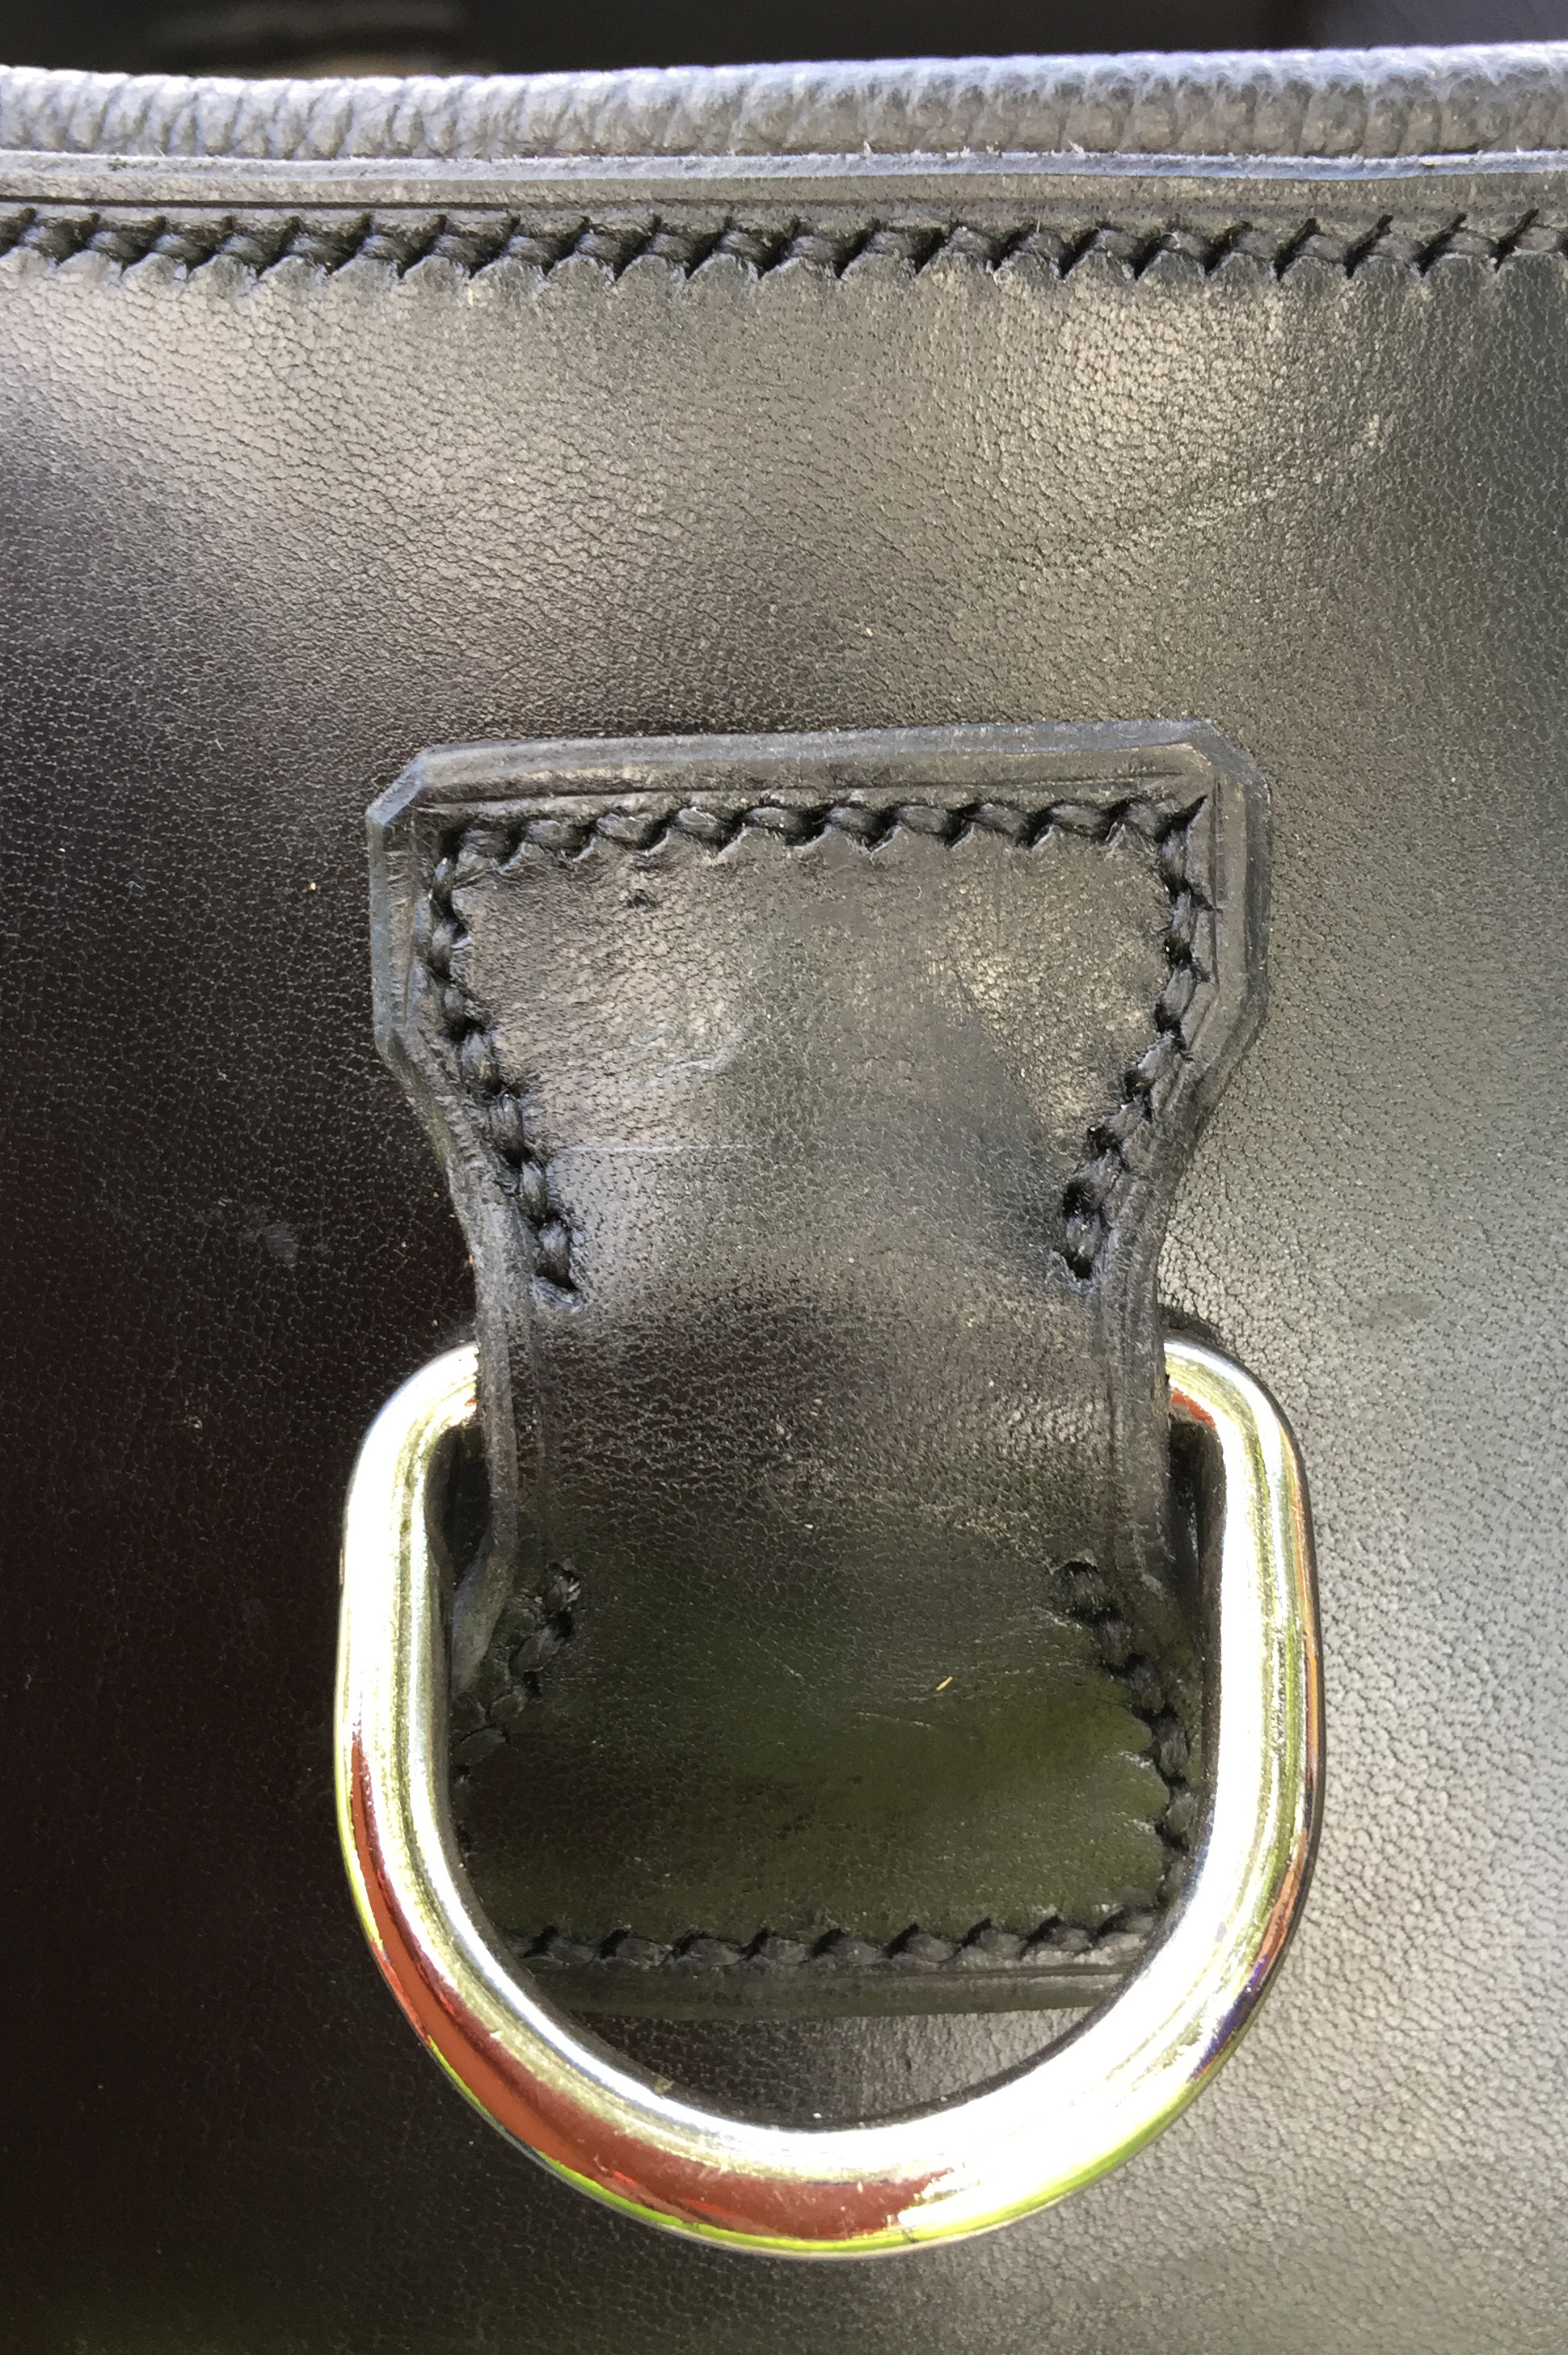 Katrine bruker Norsk prima lær og møbellær som er det beste på markedet. Læret skal skjæres etter arbeidstegning, kantskjæres og påsys kantebånd. Salmakersømmen skal være nøyaktig, solid og utføres for hånd. Det brukes syl og sterk vokset tråd. Putene blir stoppet med ekte hestehår og filt. Tømmeringene blir naglet på og D-ringer syes inn med stor nøyaktighet. Det settes store krav til riktig verktøybruk for å få topp resultat.